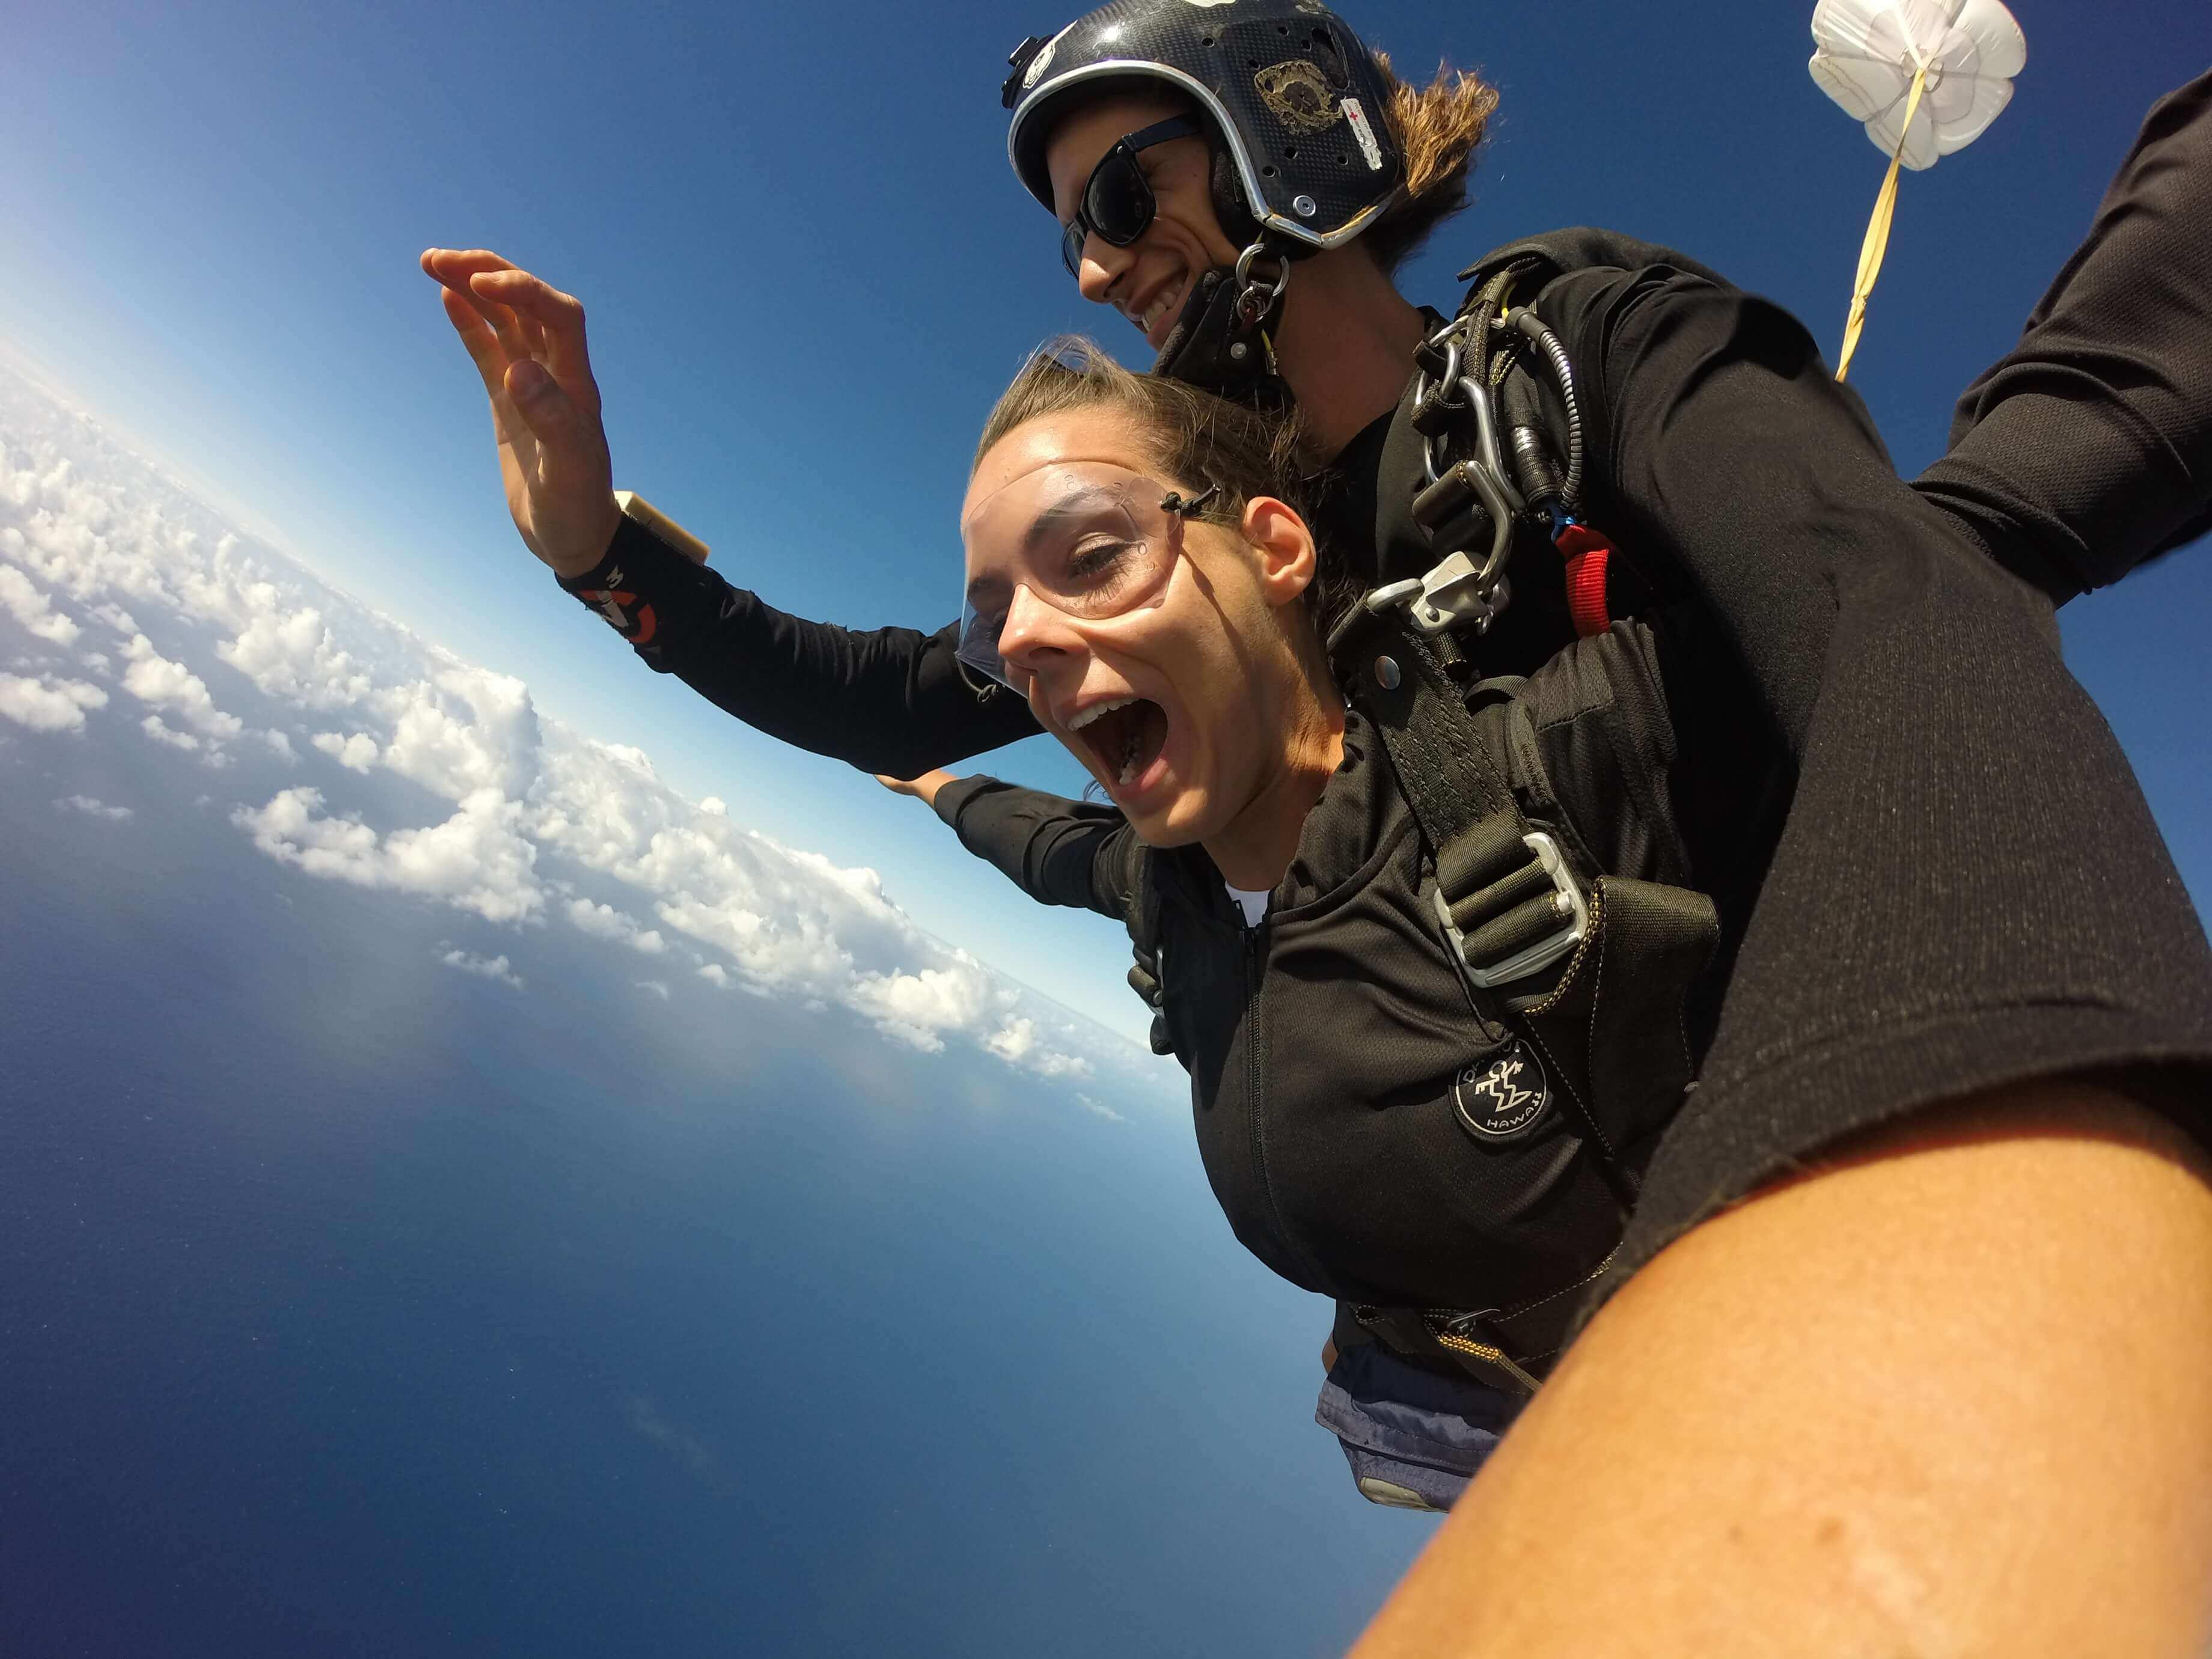 skydive-kauai-hi